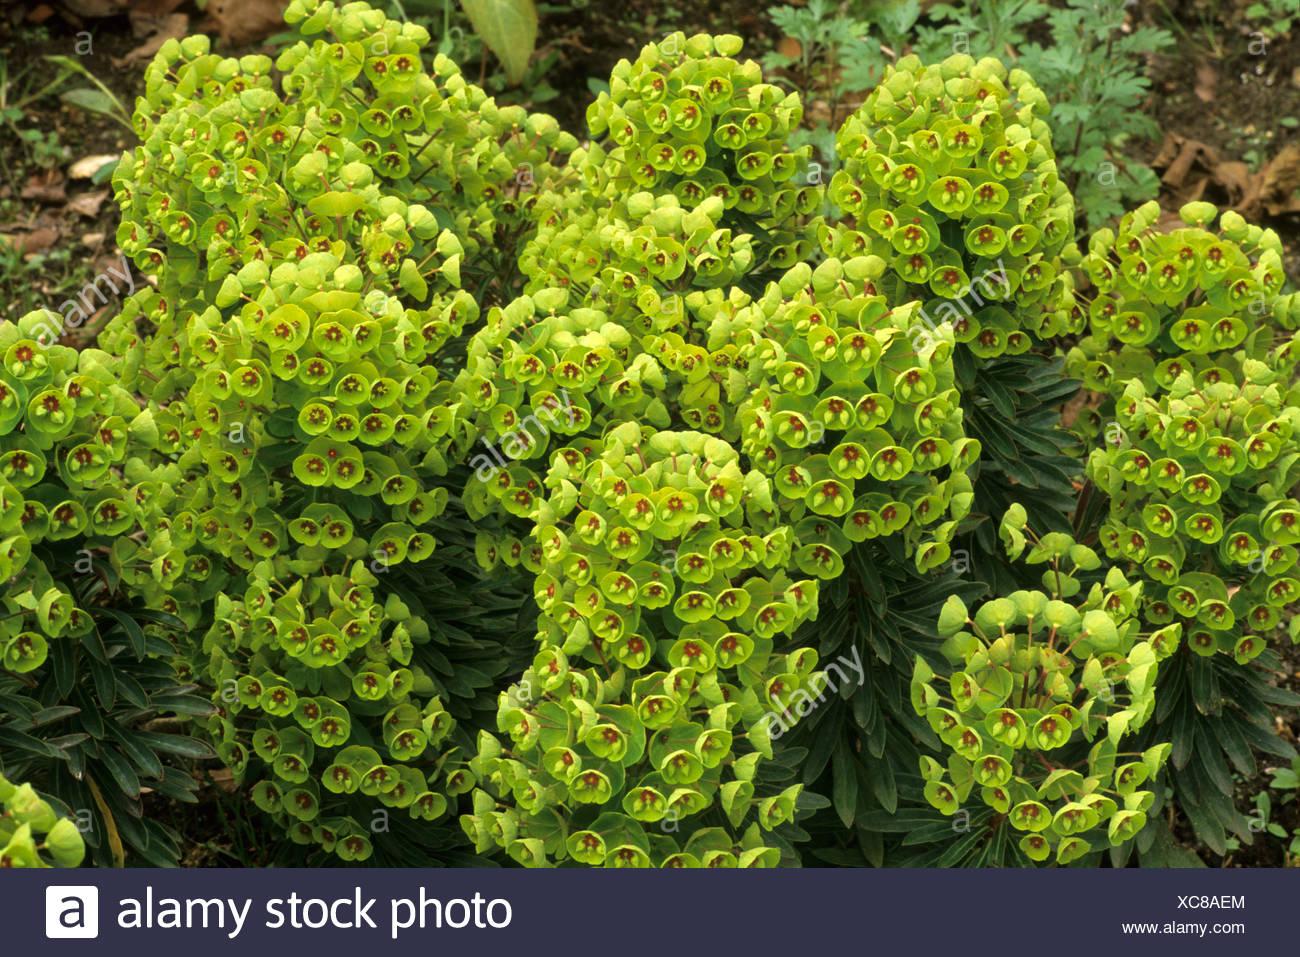 Euphorbia X Martinii Milkweed Spurge Euphorbias Stock Photo